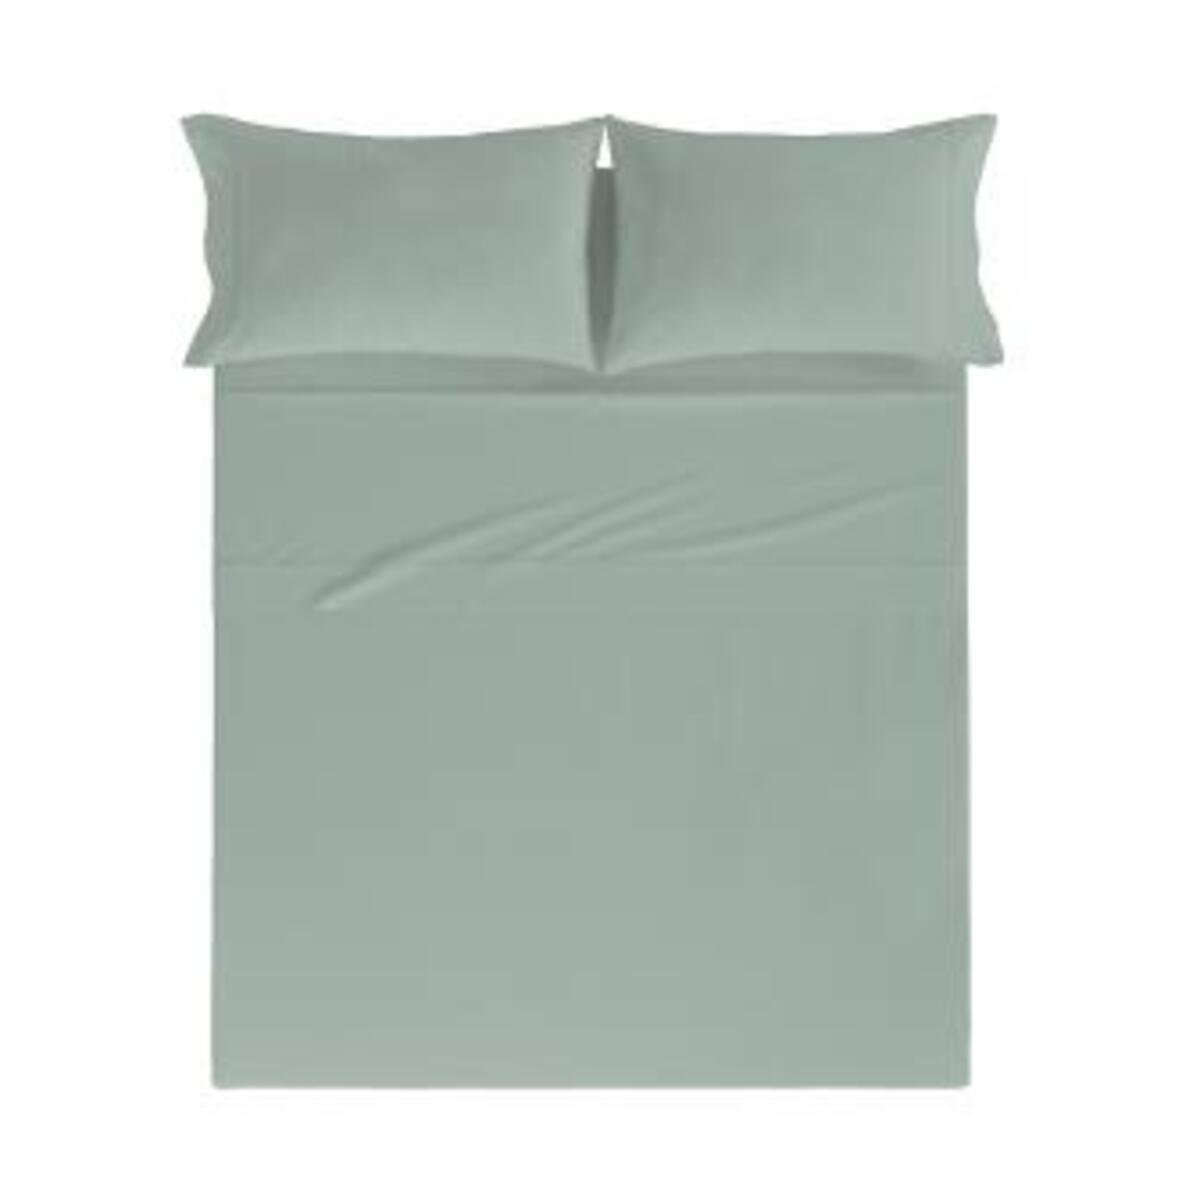 Drap de lit en coton percale thé 160x280